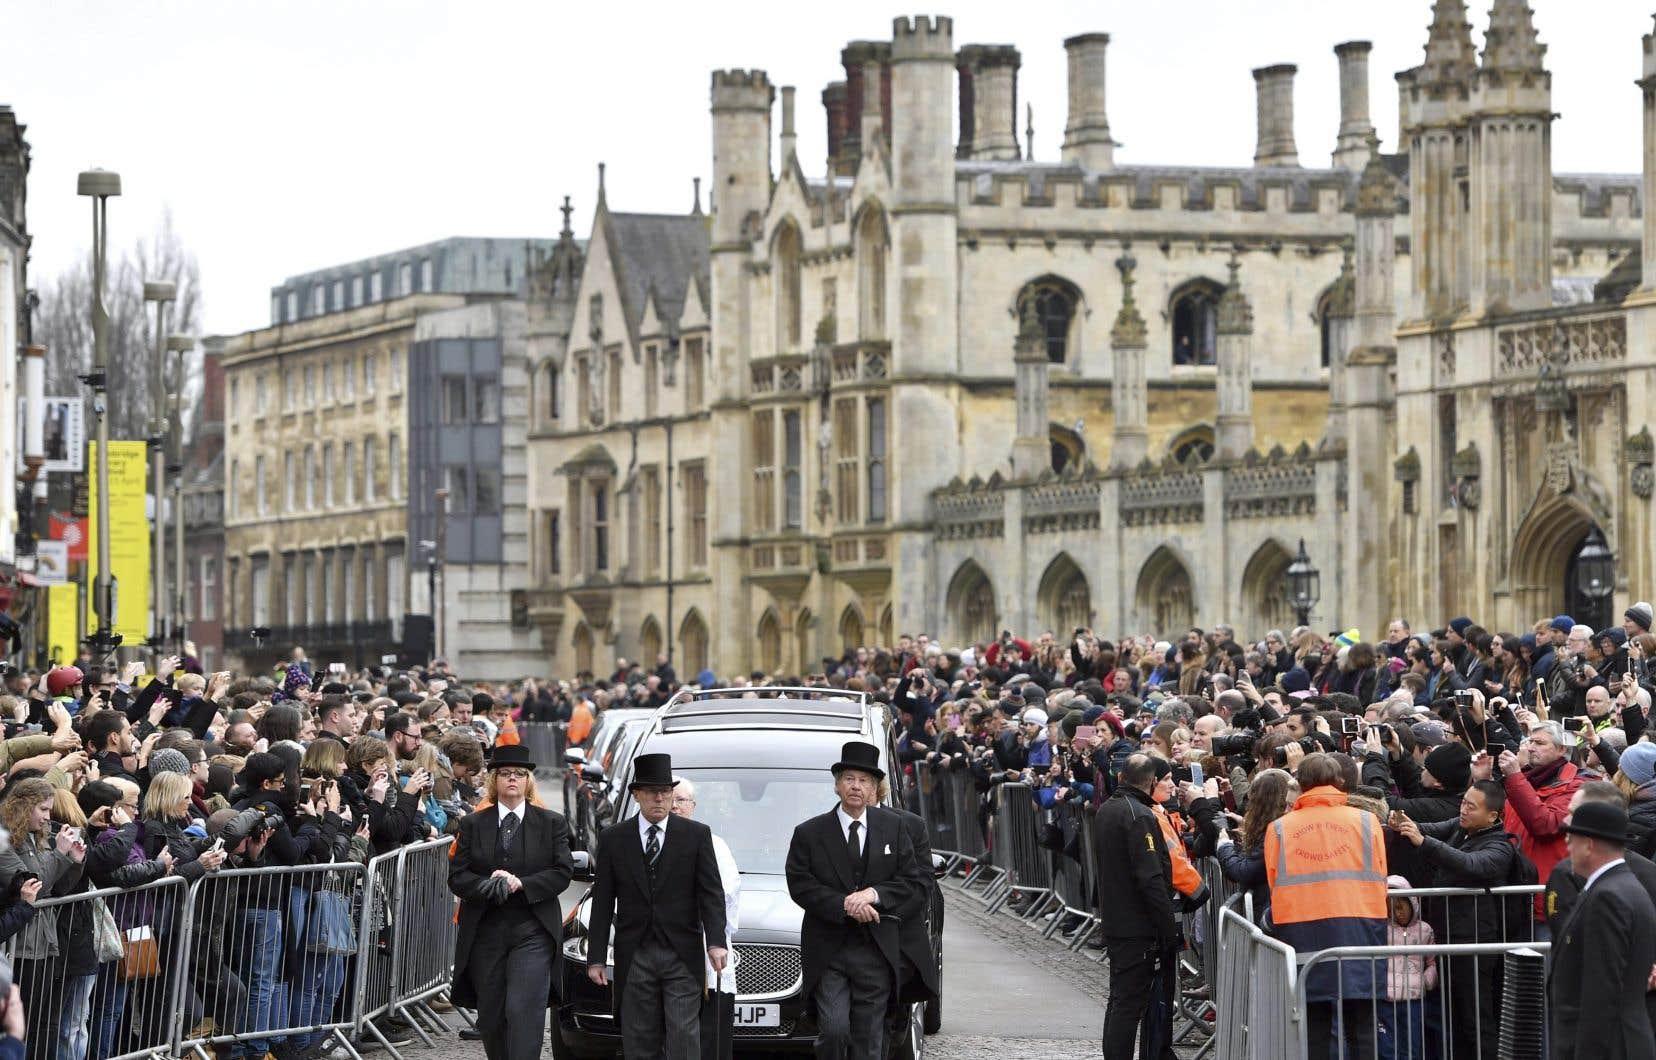 Le corbillard contenant la dépouille du professeur Stephen Hawking arrive à l'église de l'église St Mary the Great à Cambridge en Angleterre, samedi.